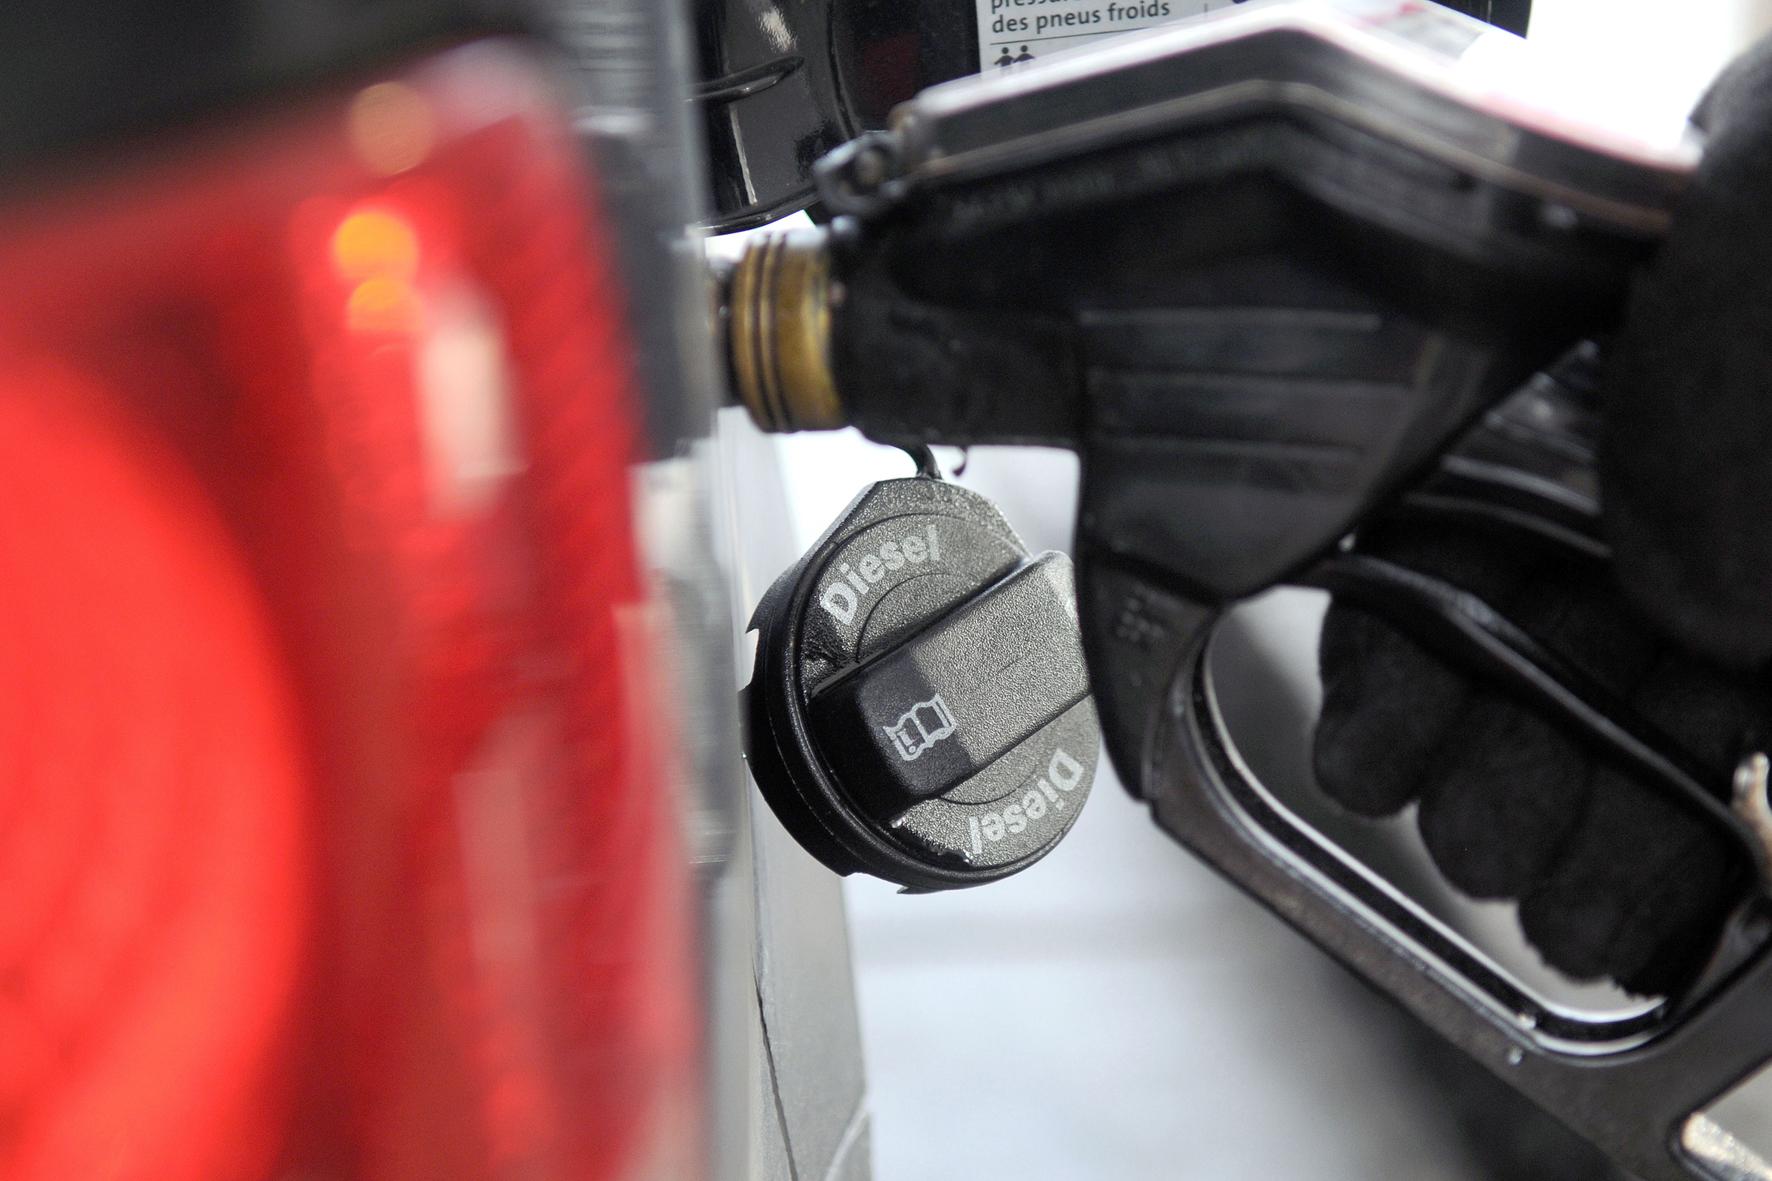 Diesel-Fahren im Winter: Dank Spezial-Kraftstoff kein Problem mehr